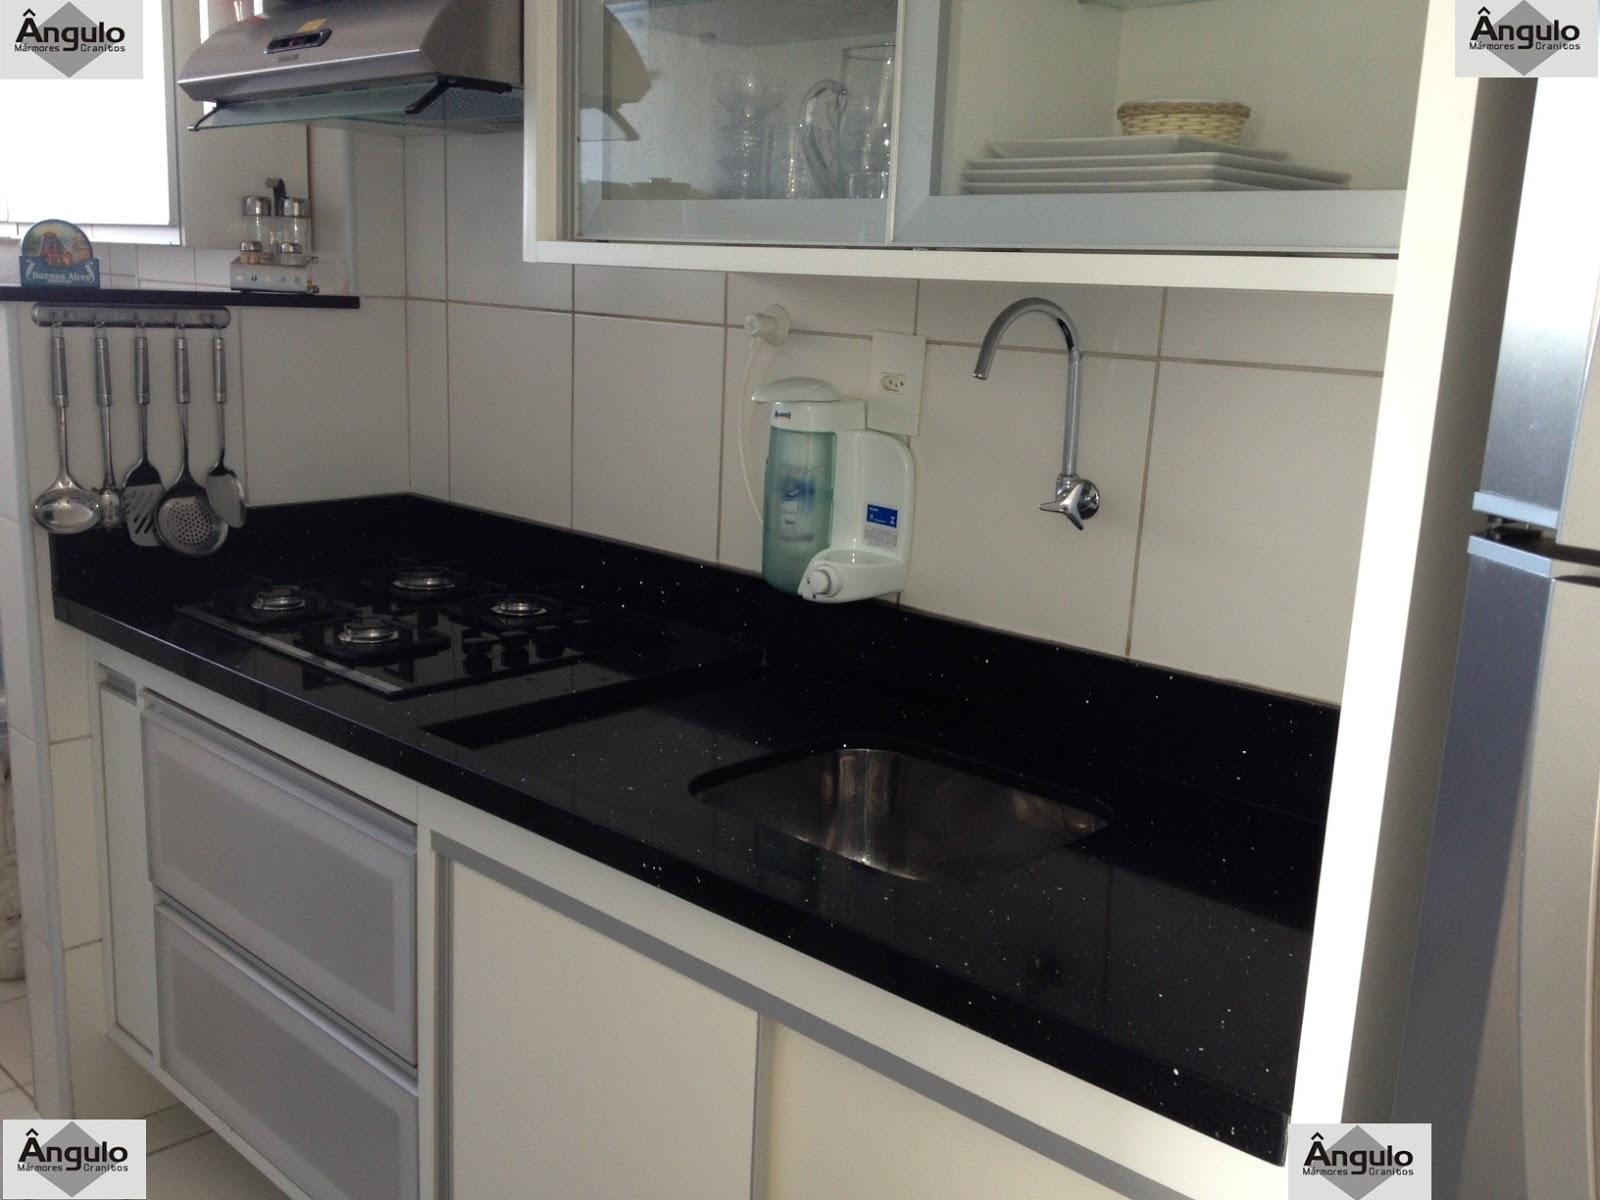 do acabamento de borda duplo reto no balcão de apoio do fogão #536678 1600x1200 Banheiro Com Bancada De Silestone